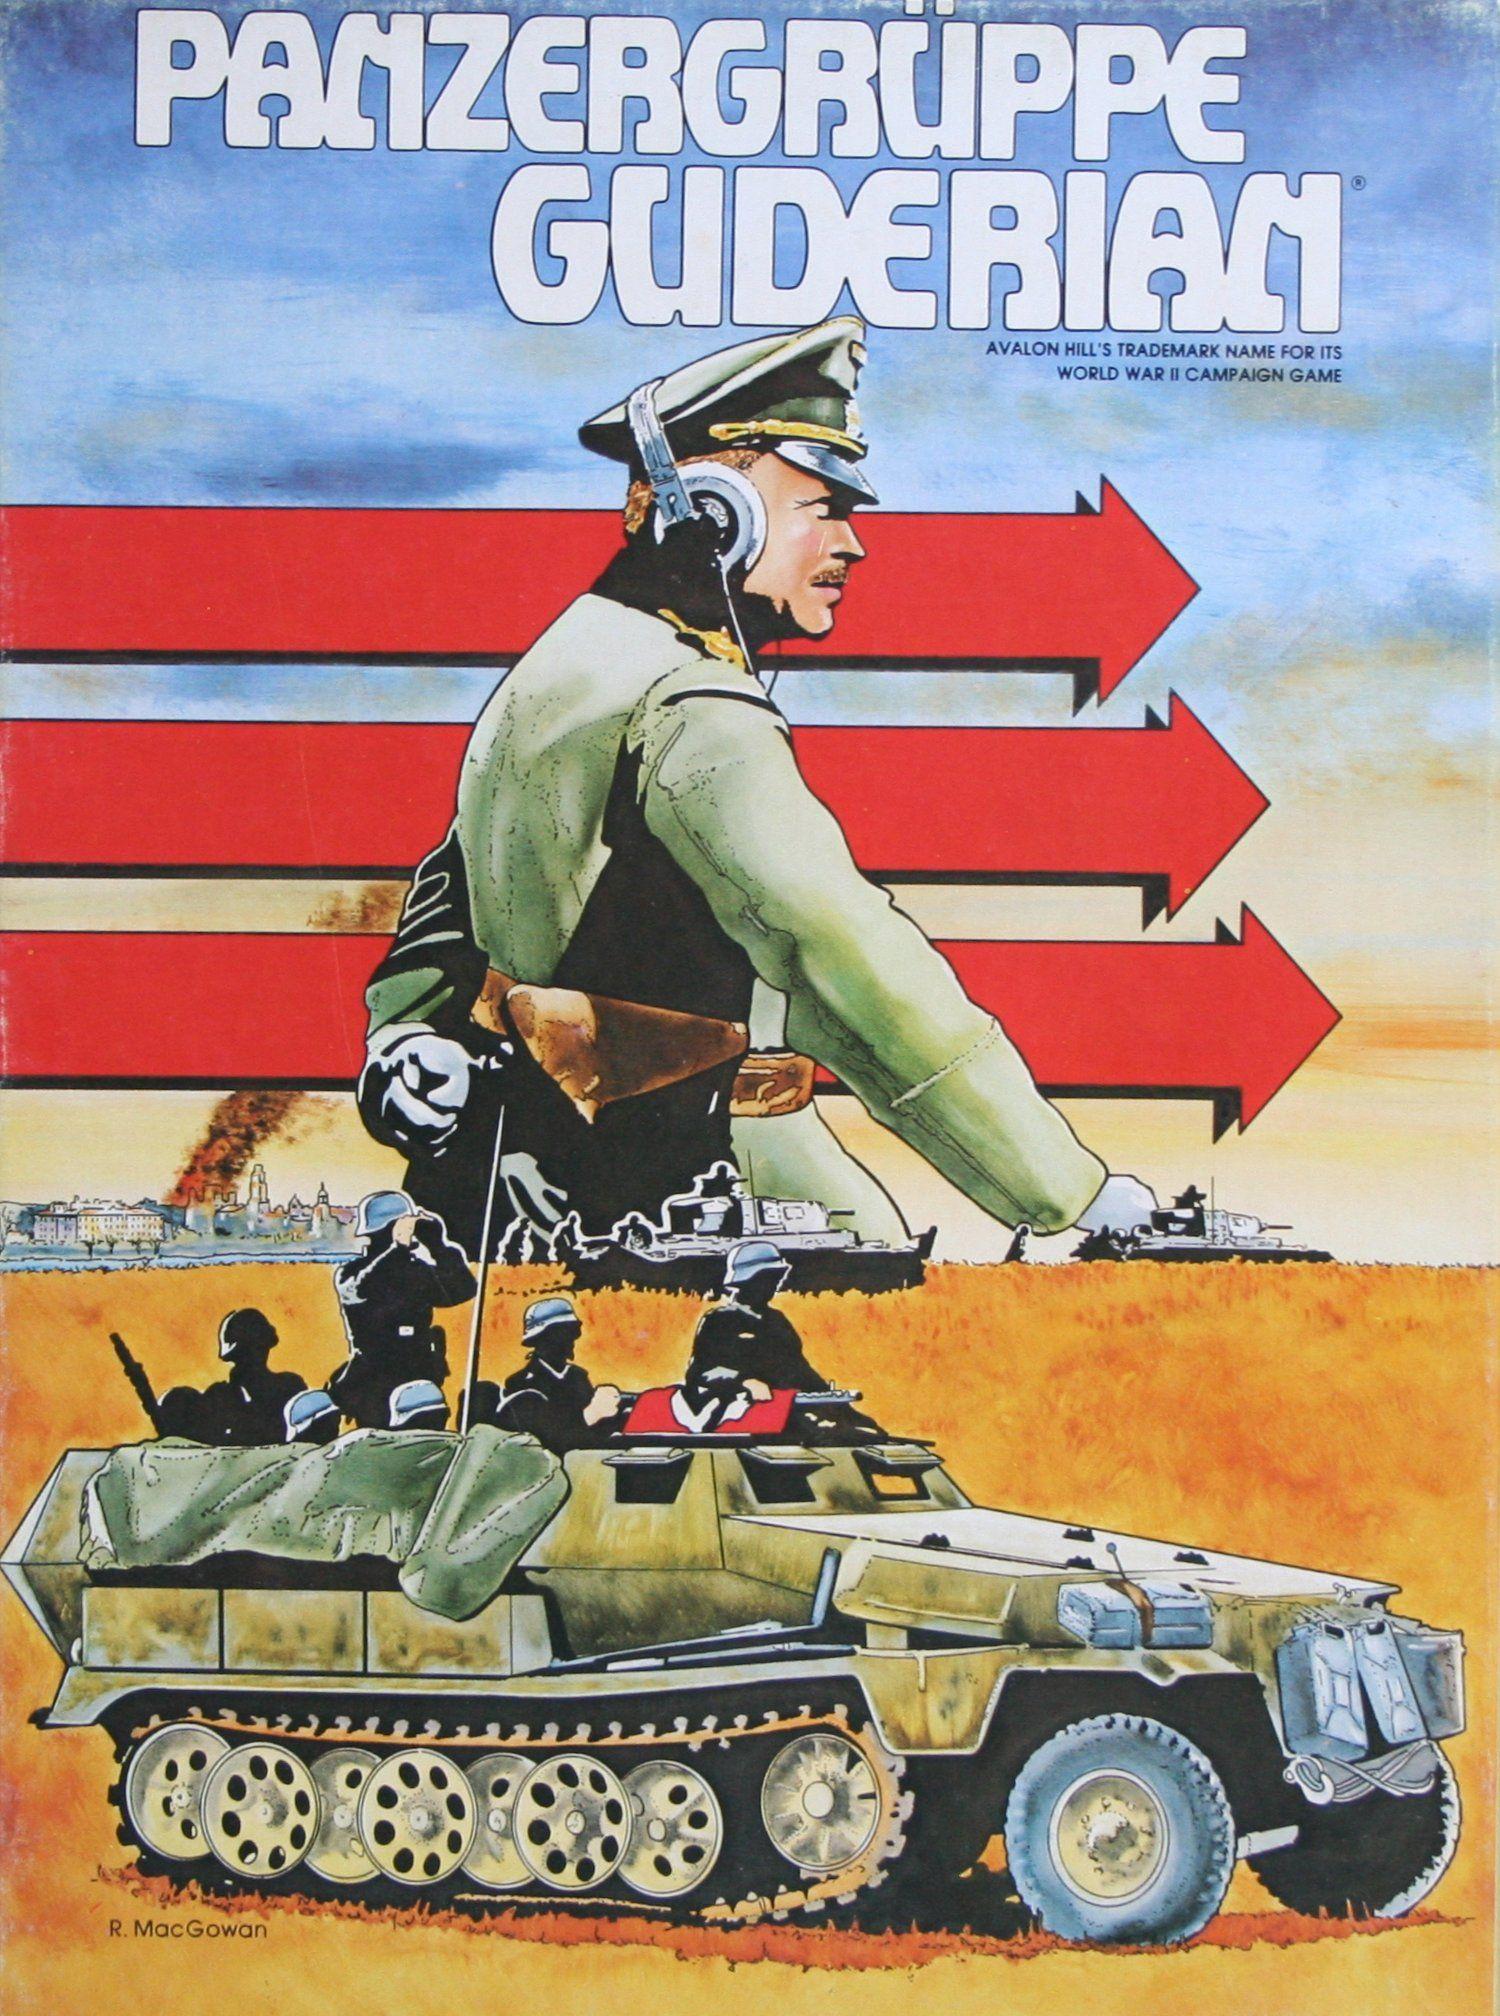 Panzergruppe Guderian